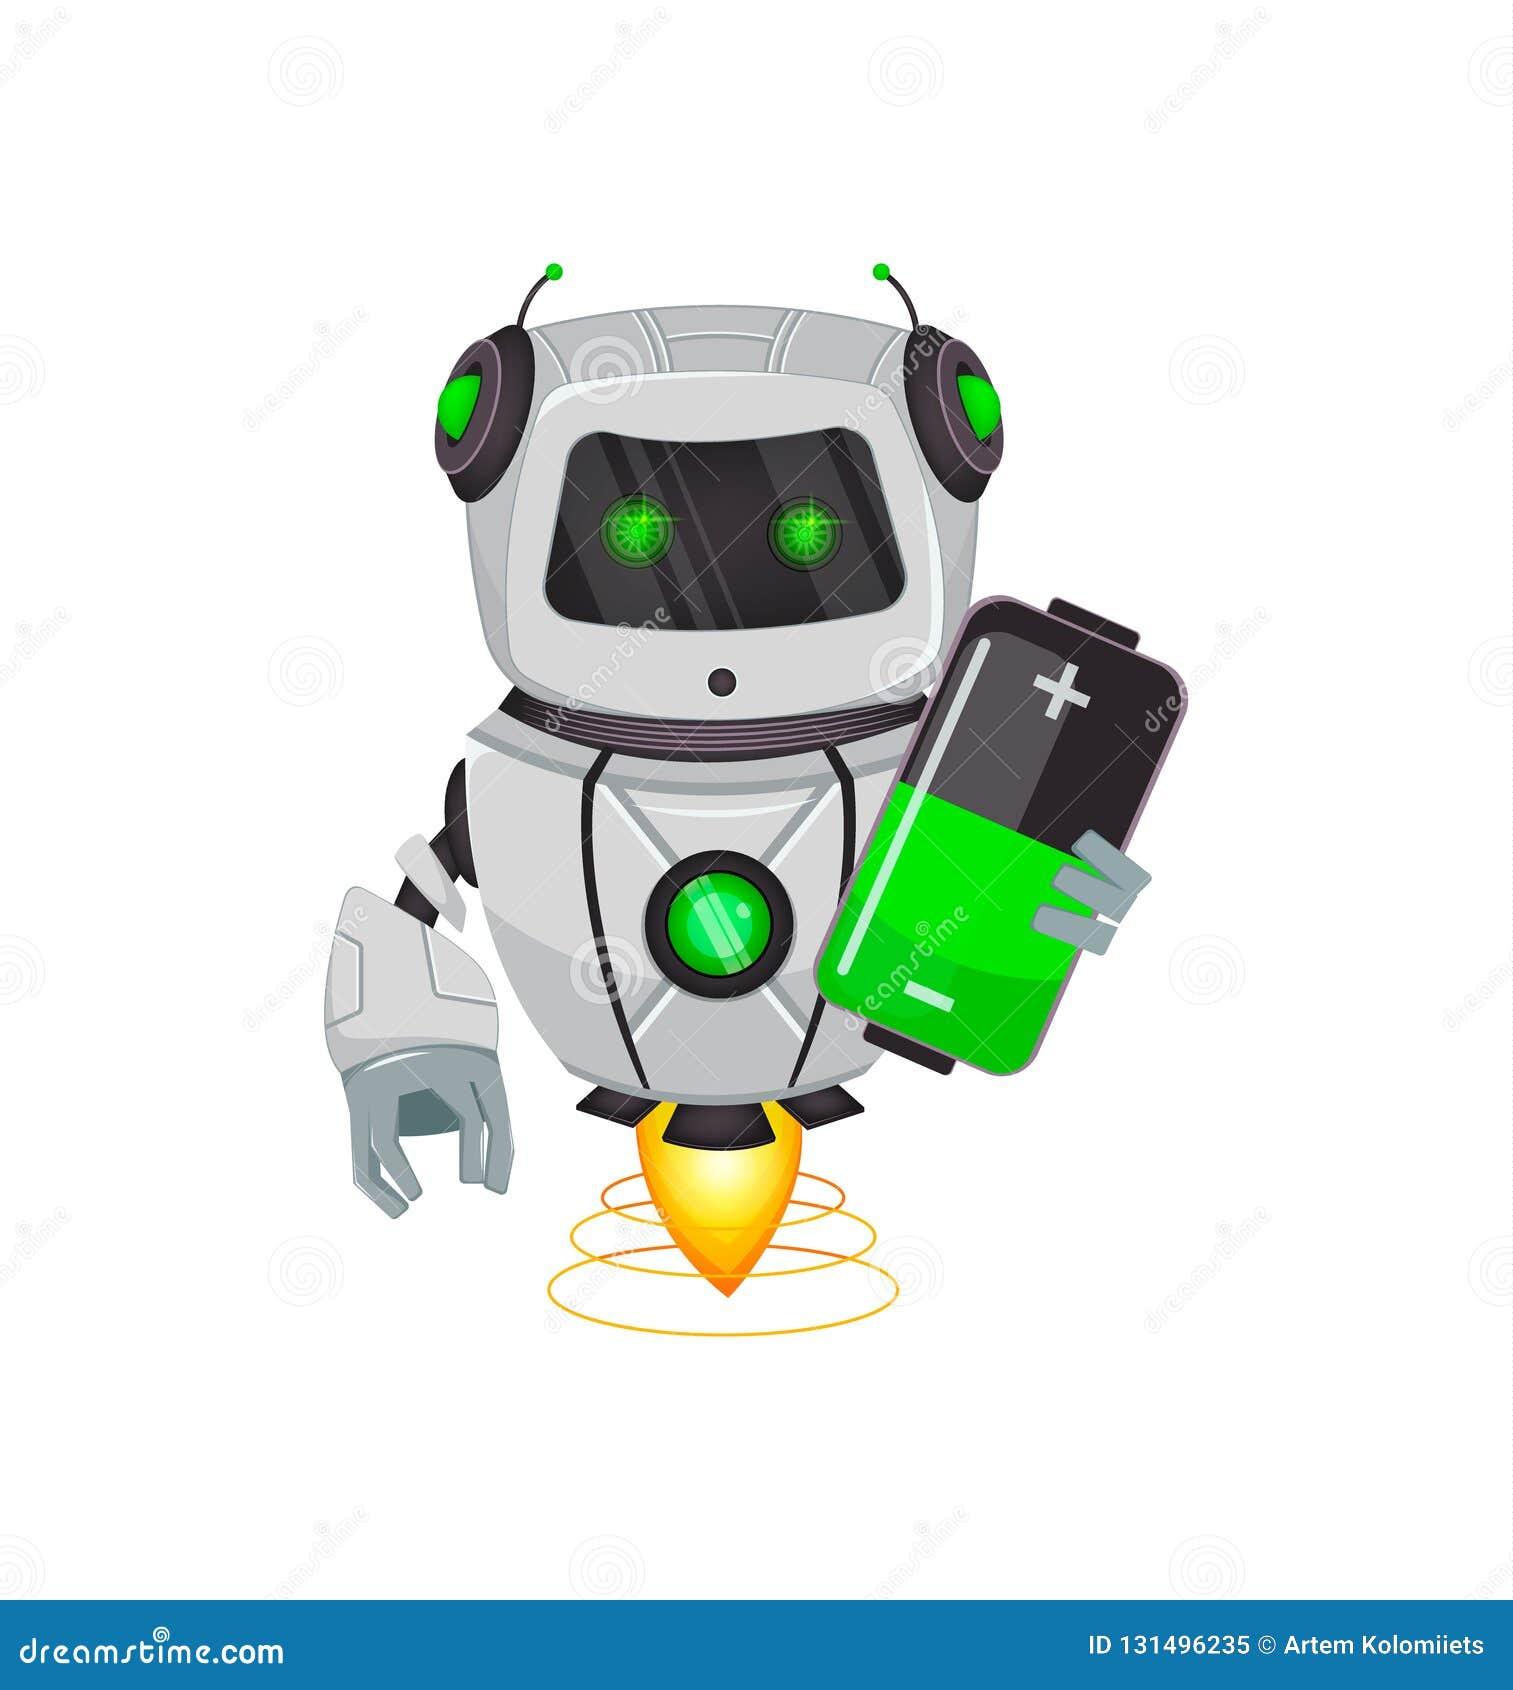 Робот с искусственным интеллектом, средство Смешной персонаж из мультфильма держит батарею Организм гуманоида кибернетический Буд